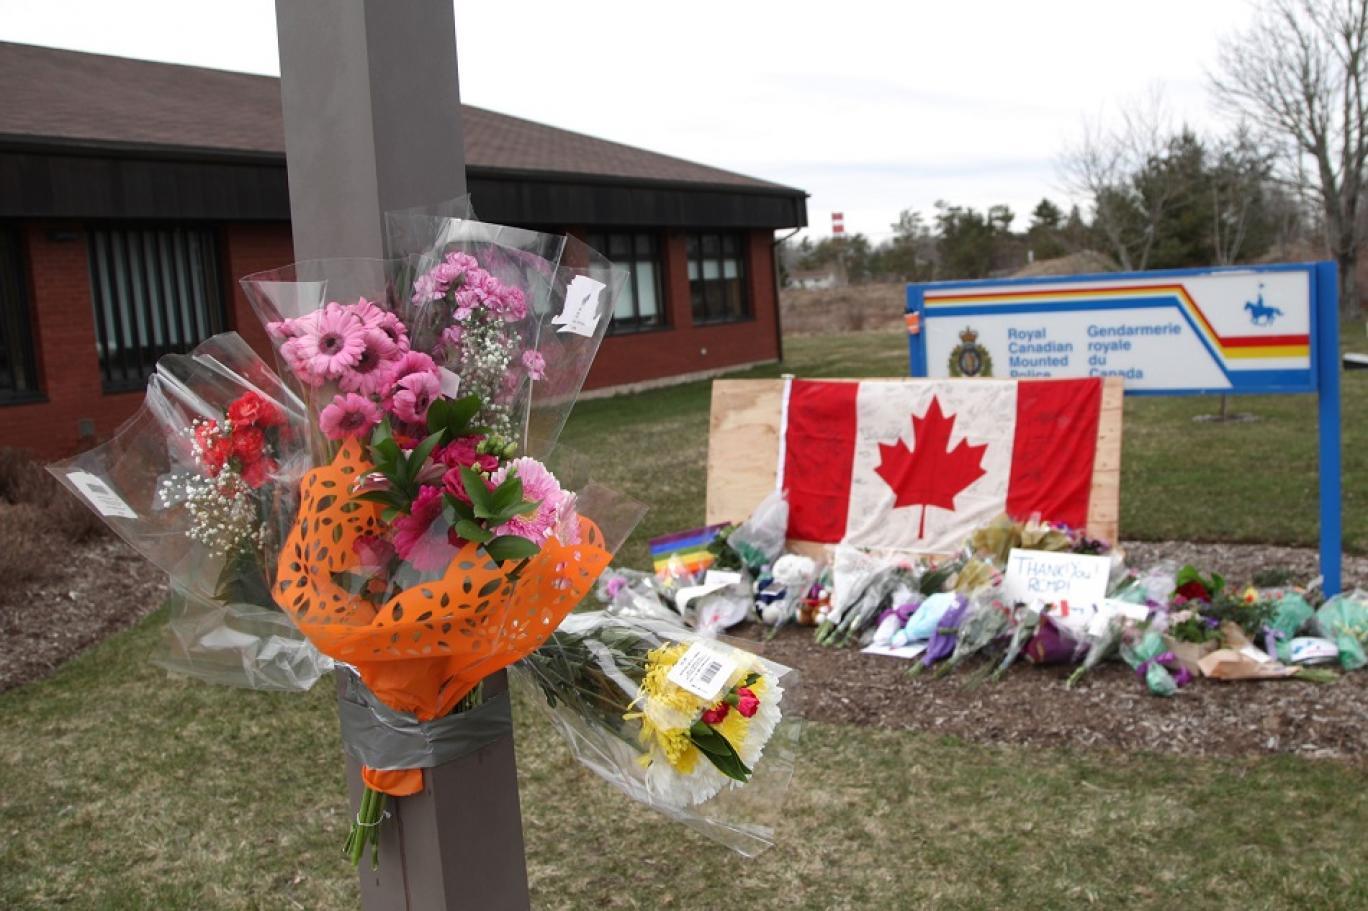 """ارتفاع عدد قتلى هجوم """"نوفا سكوتيا"""" الكندية إلى 23 شخصا"""